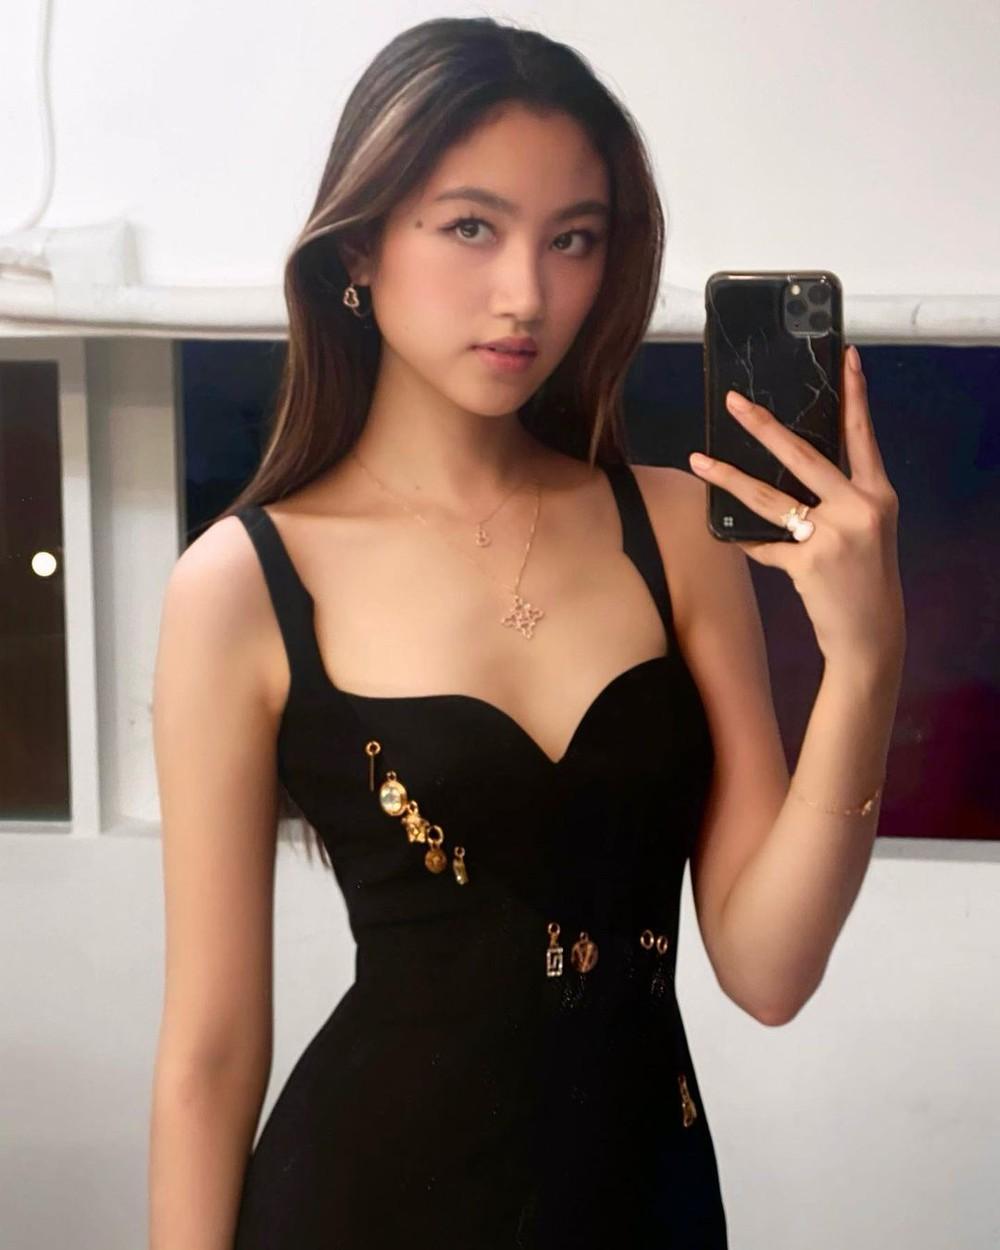 Con gái ông trùm showbiz Hong Kong: Đẹp ấn tượng, 17 tuổi cao 1,8m, chân dài miên man - Ảnh 1.